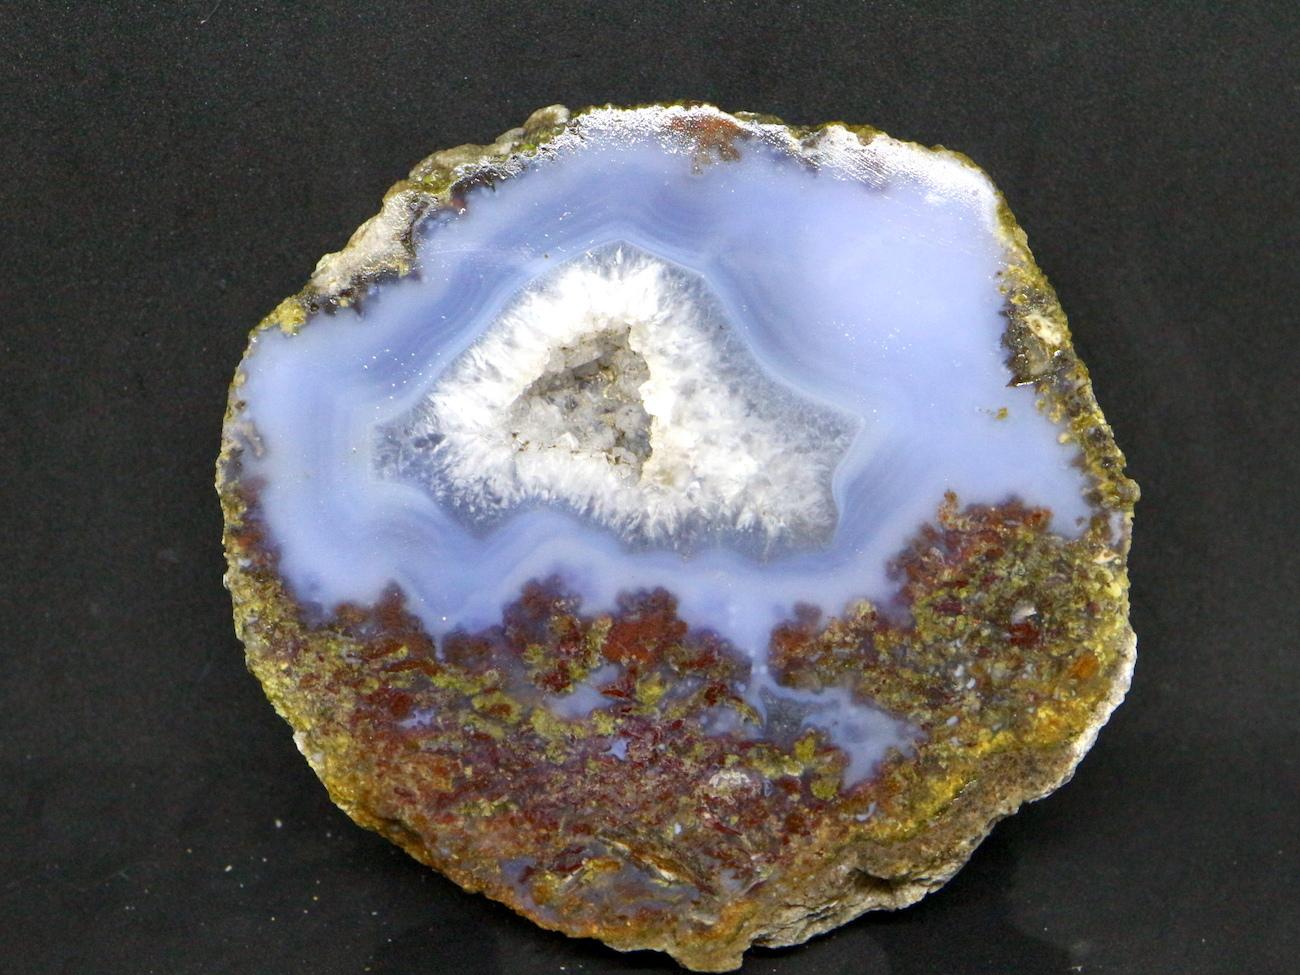 サンダーエッグ  瑪瑙 原石 418g THE006 天然石 鉱物 パワーストーン